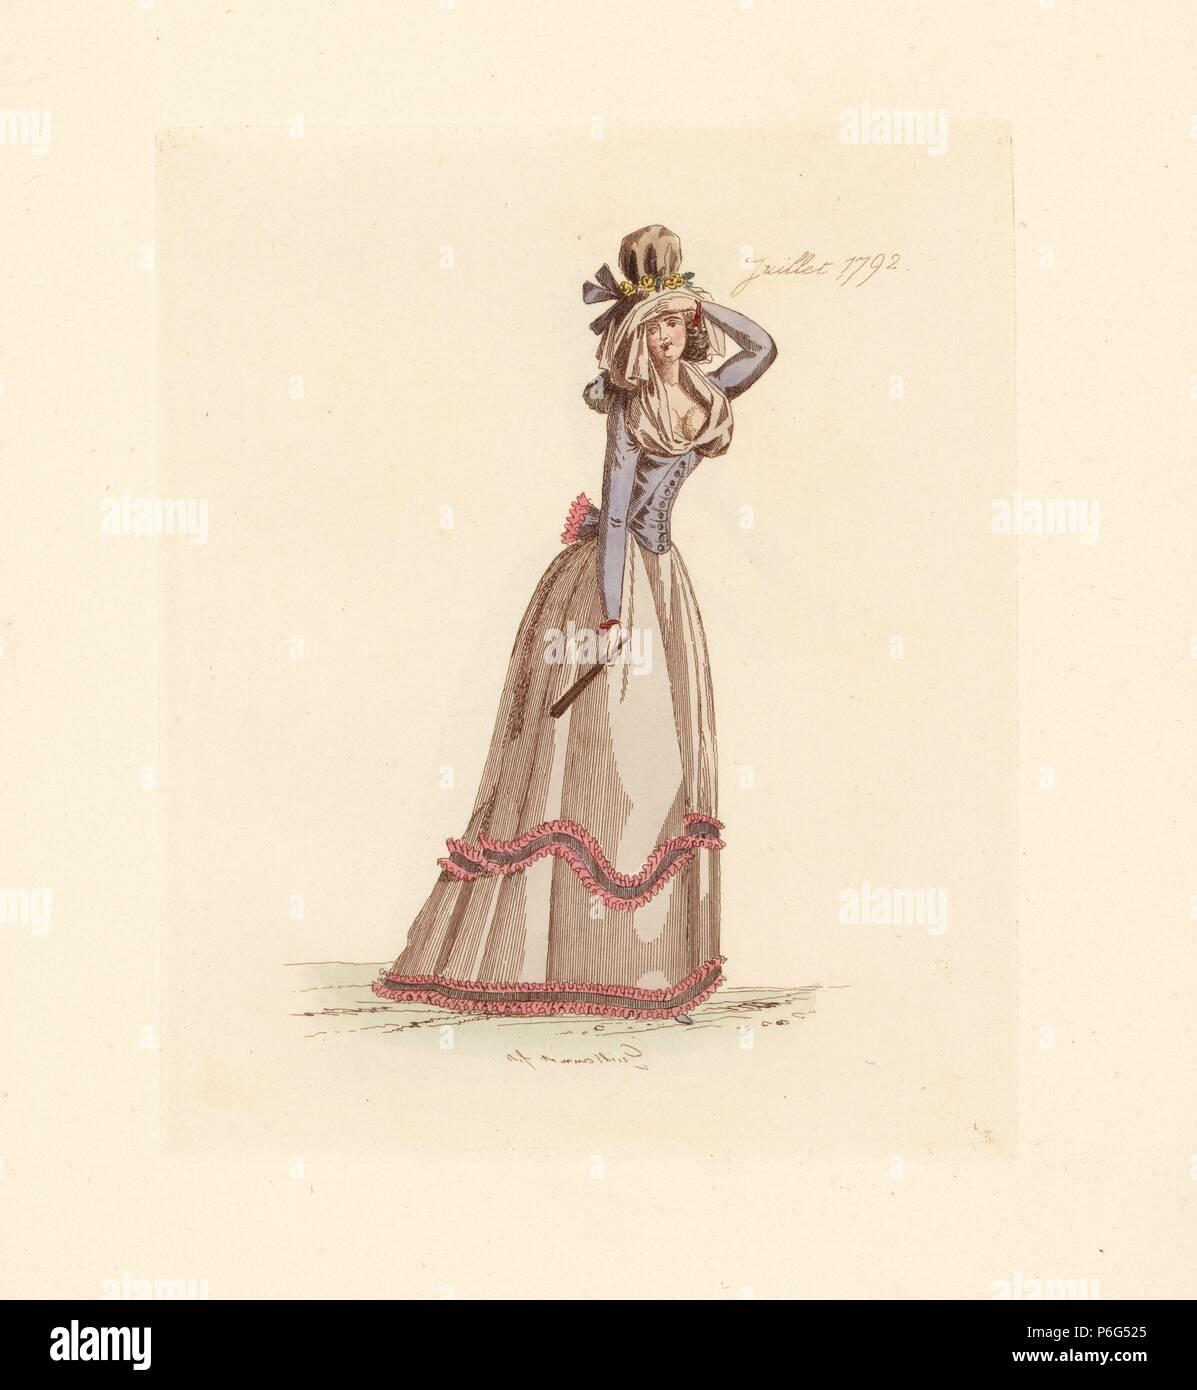 Franzosische Frau Tragen Die Mode Von Juli 1792 Sie Tragt Einen Hut